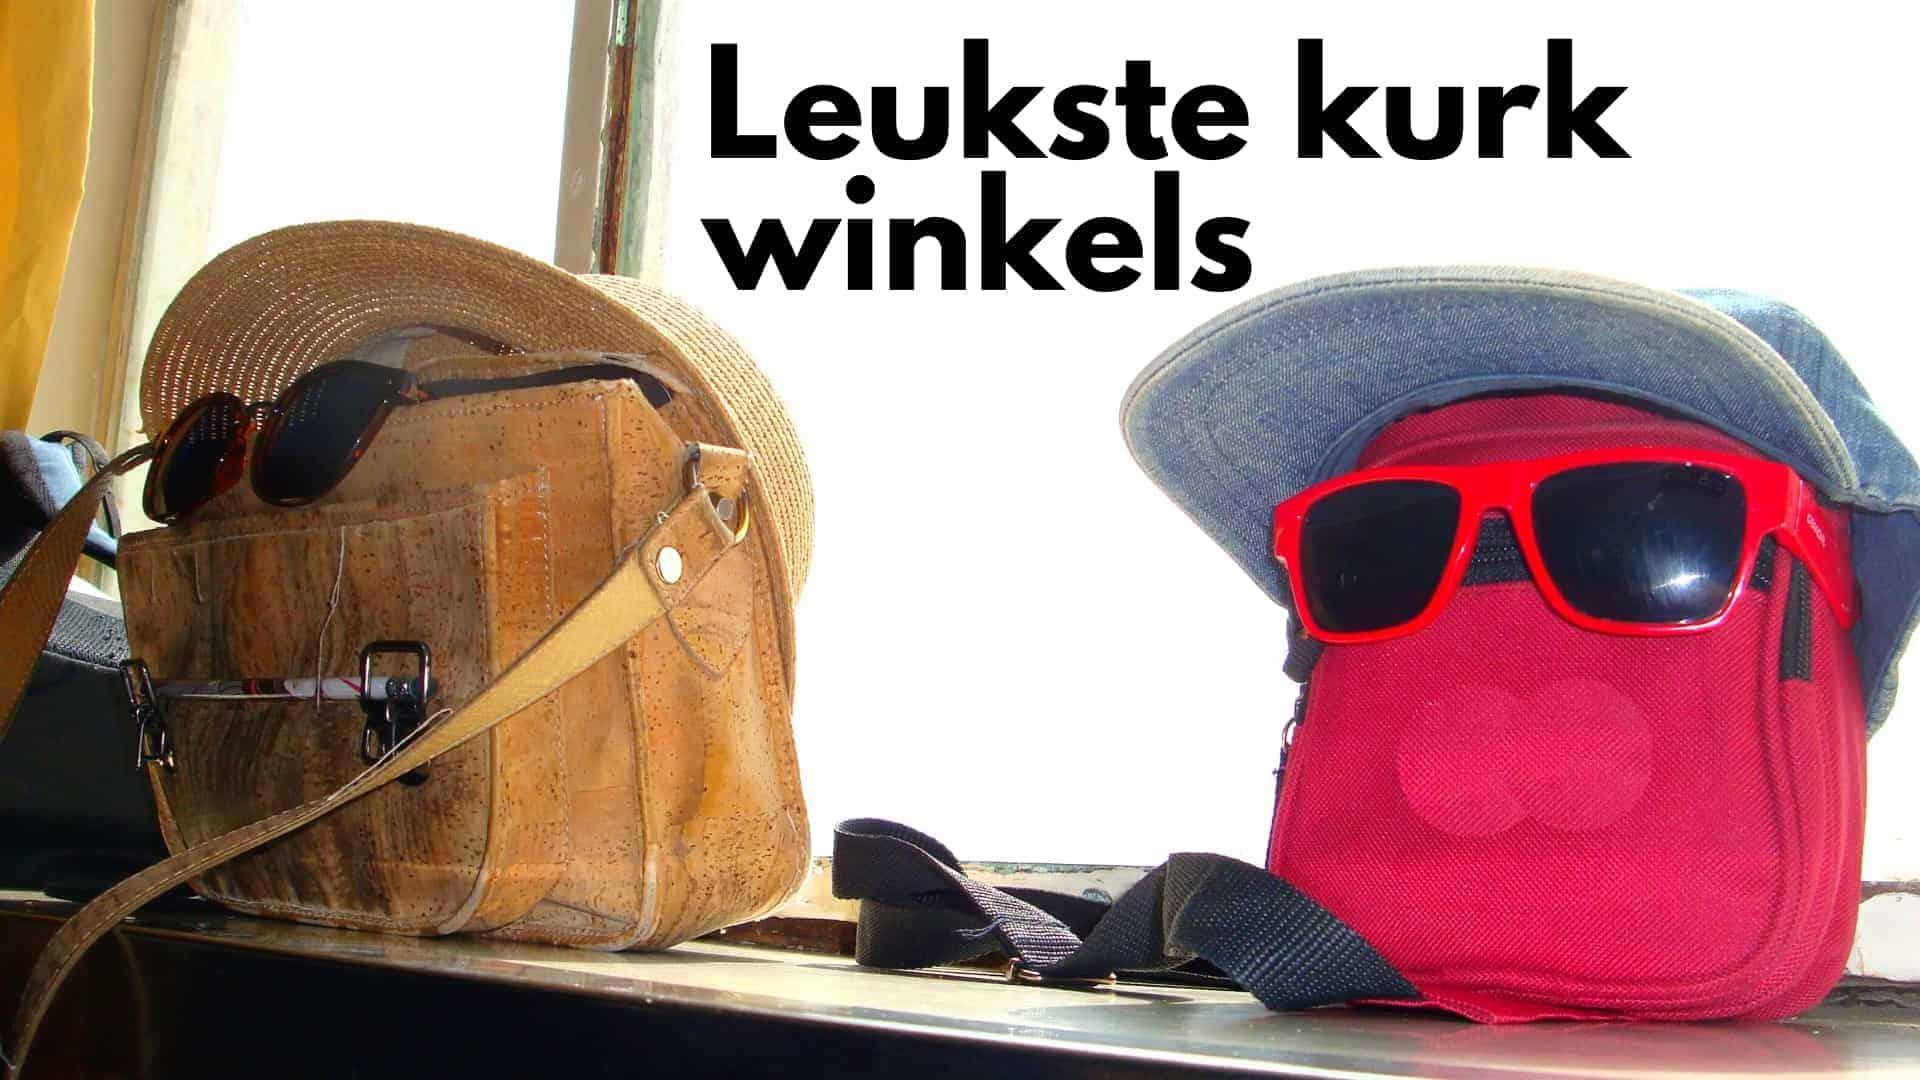 Beste kurk winkels voor de leukste kurkproducten online